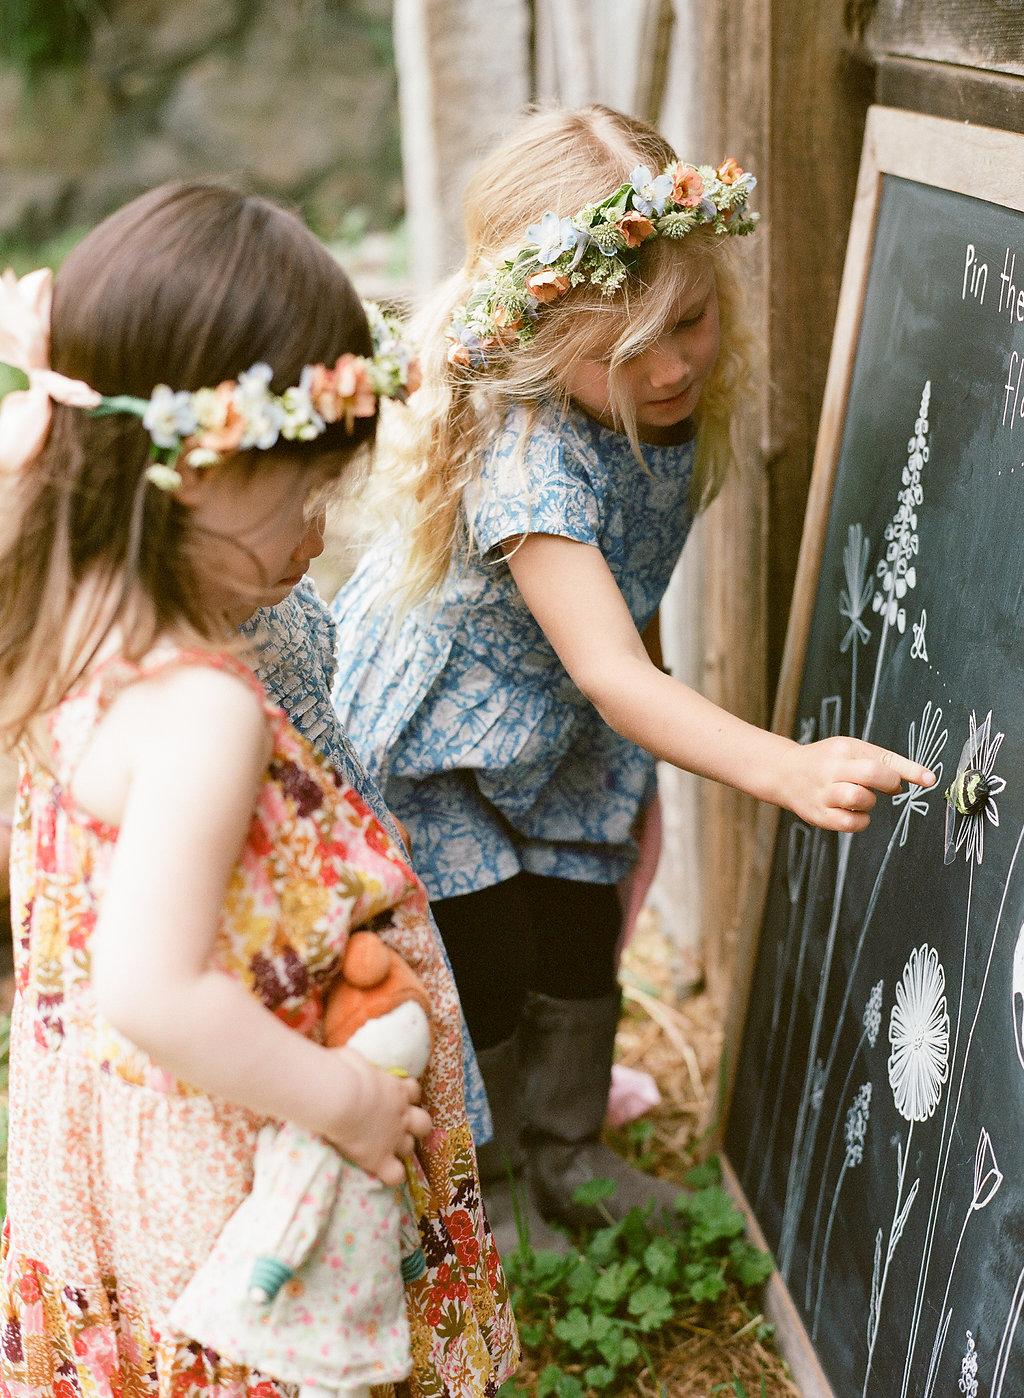 KidsParty_41.jpg